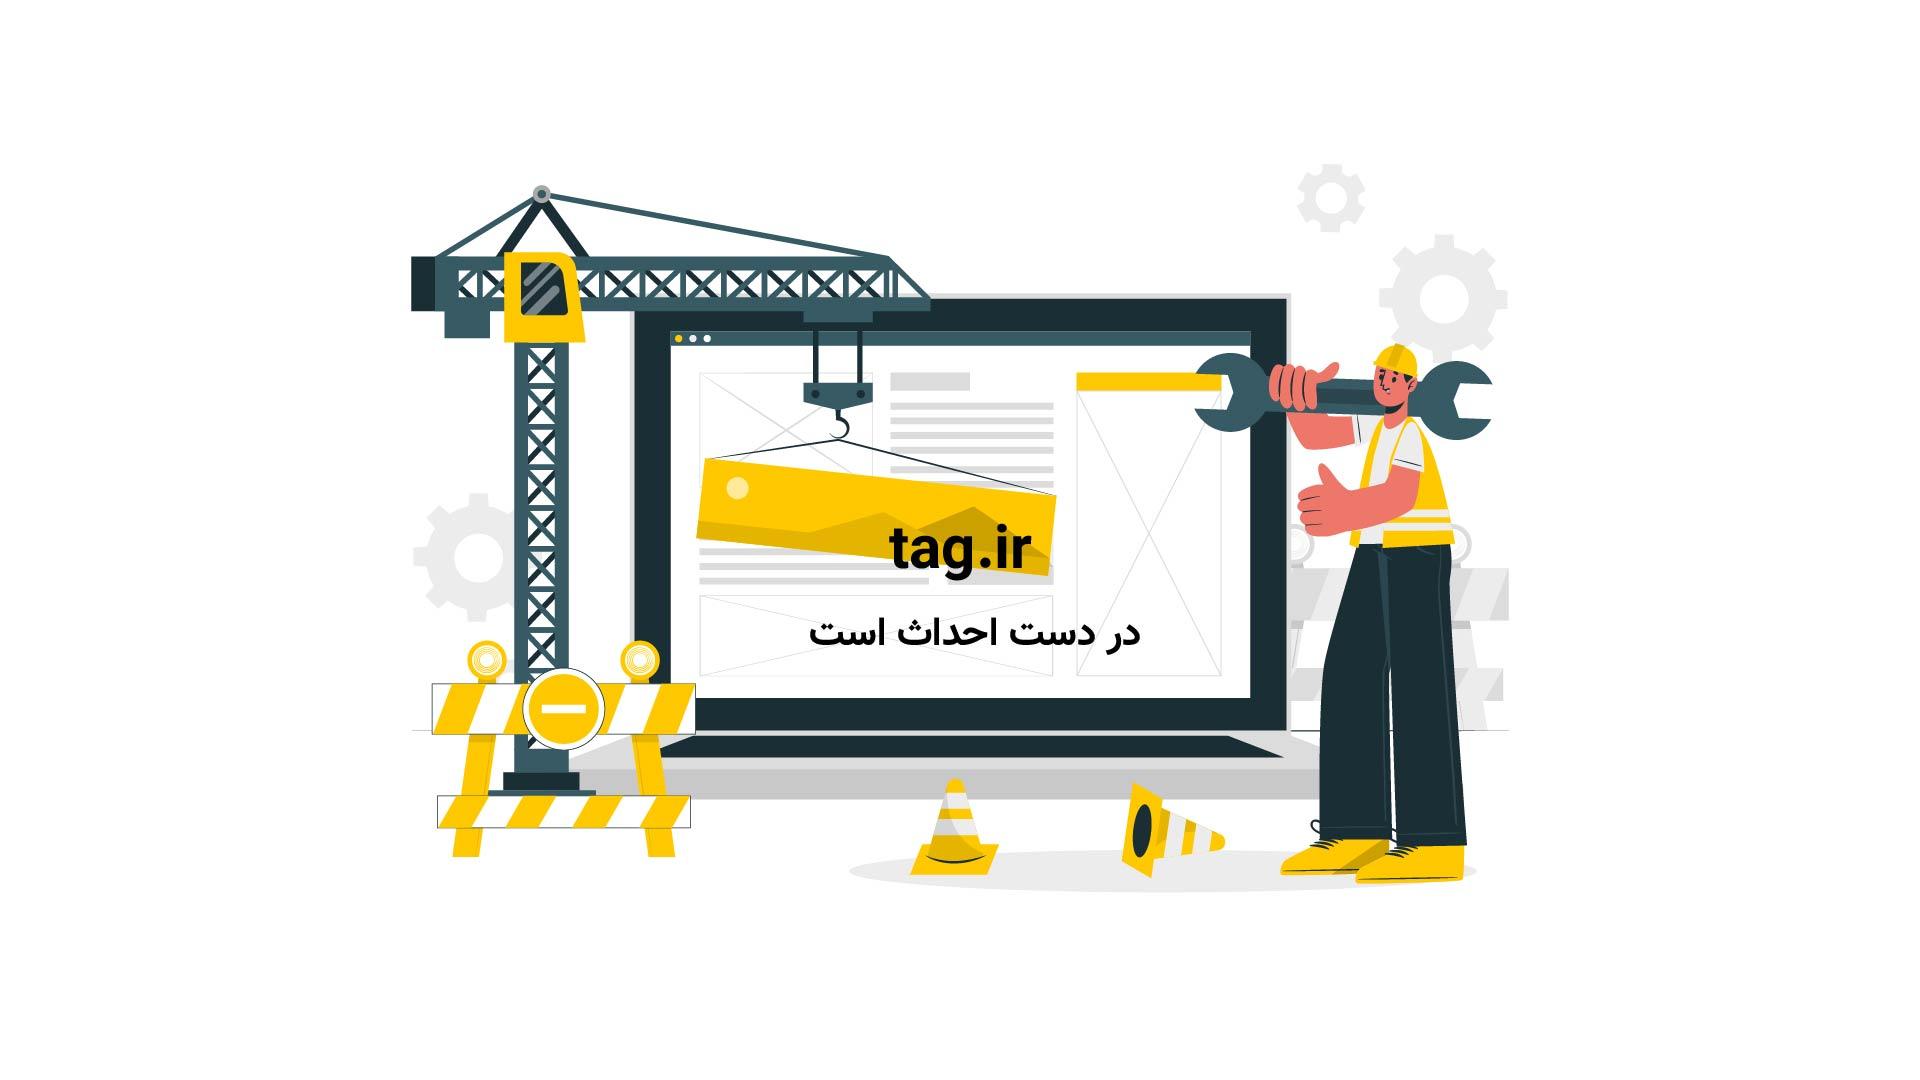 آموزش ساخت استند حروف با مقوا و گل | فیلم